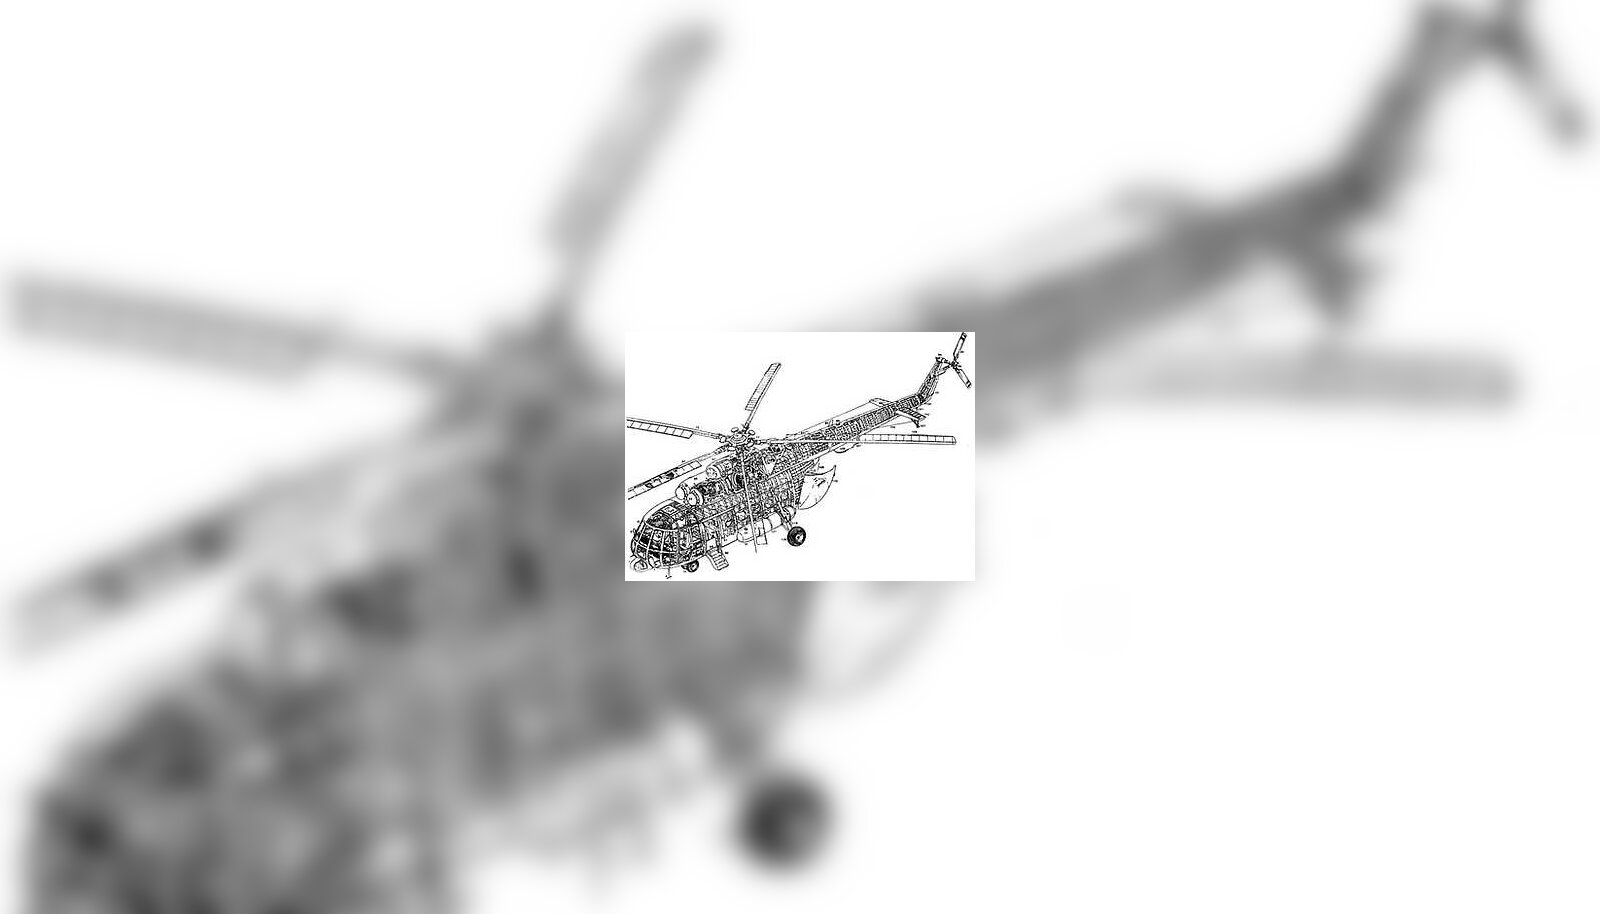 Kapo otsib Eestisse peidetud Vene helikopterite navigeerimisseadmeid: